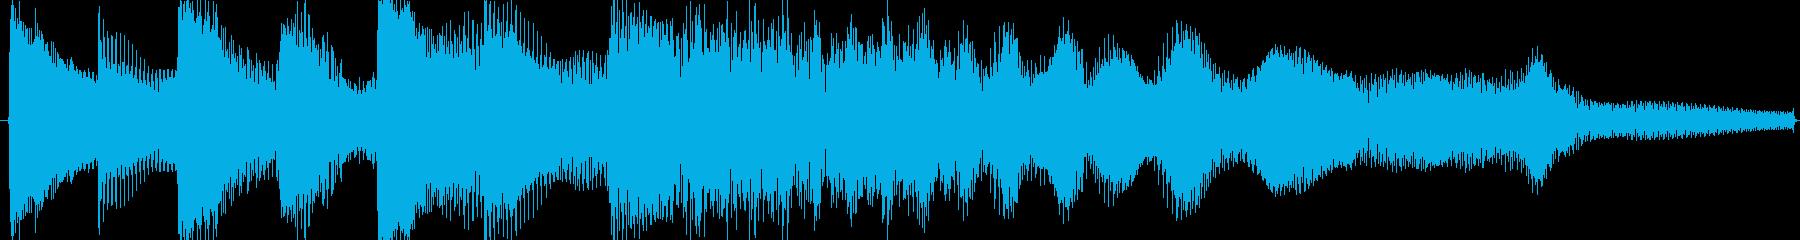 【無駄のないシンプル】ゲームオーバーの再生済みの波形